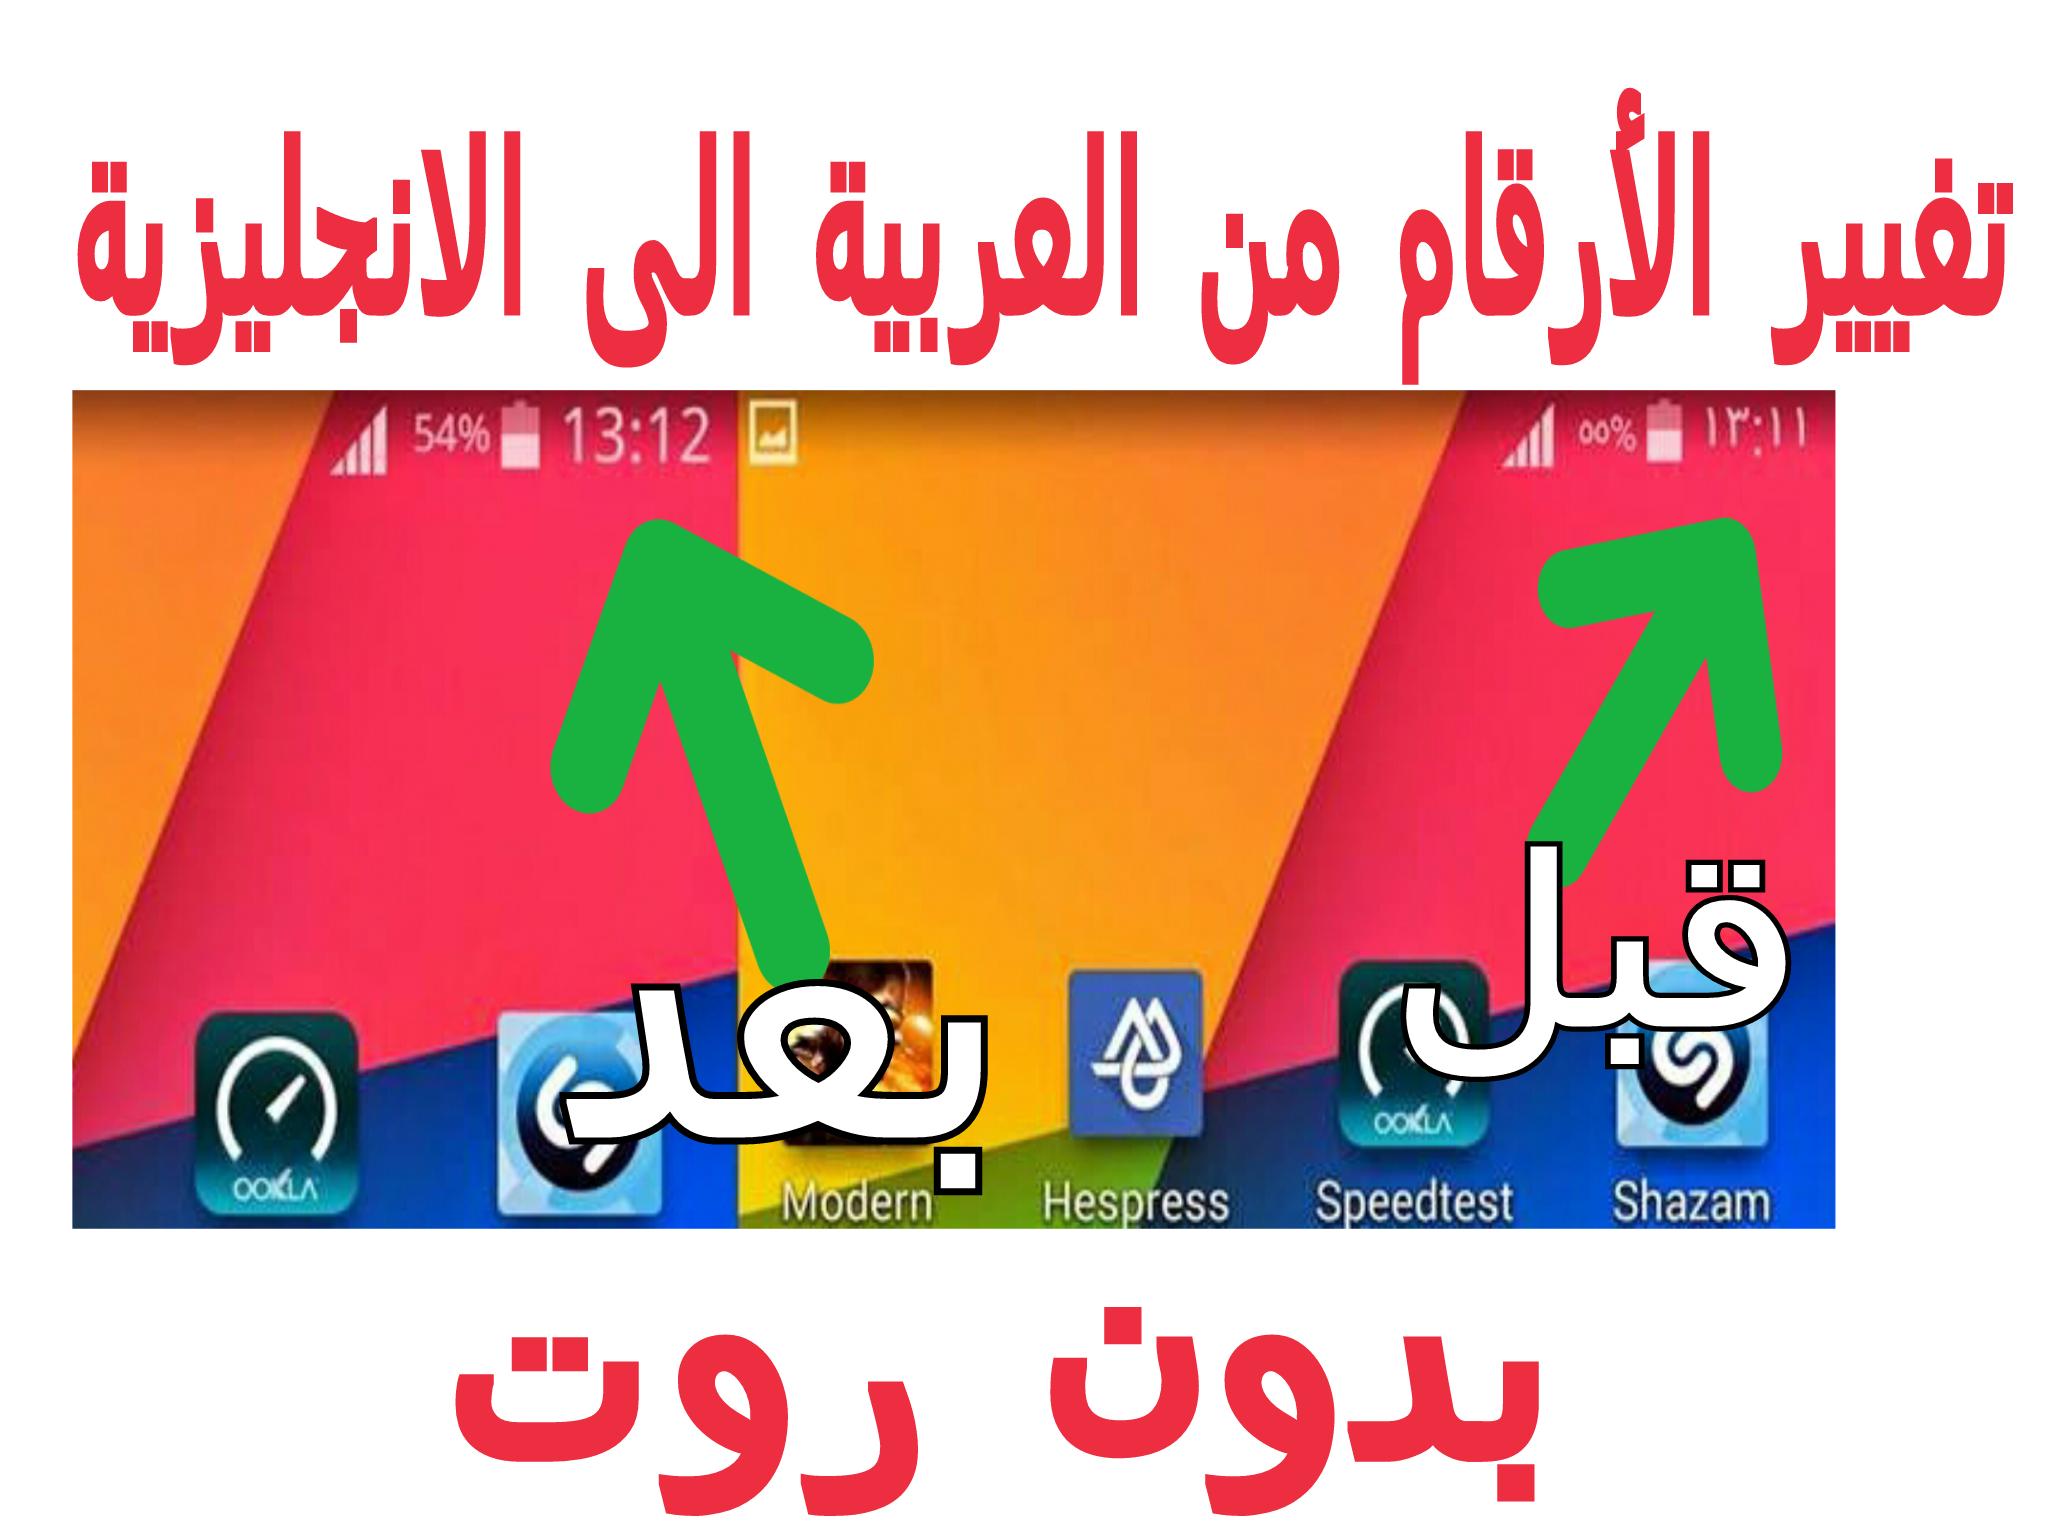 Photo of طريقة تغيير الأرقام العربية الى الانجليزية في اندرويد بدون روت